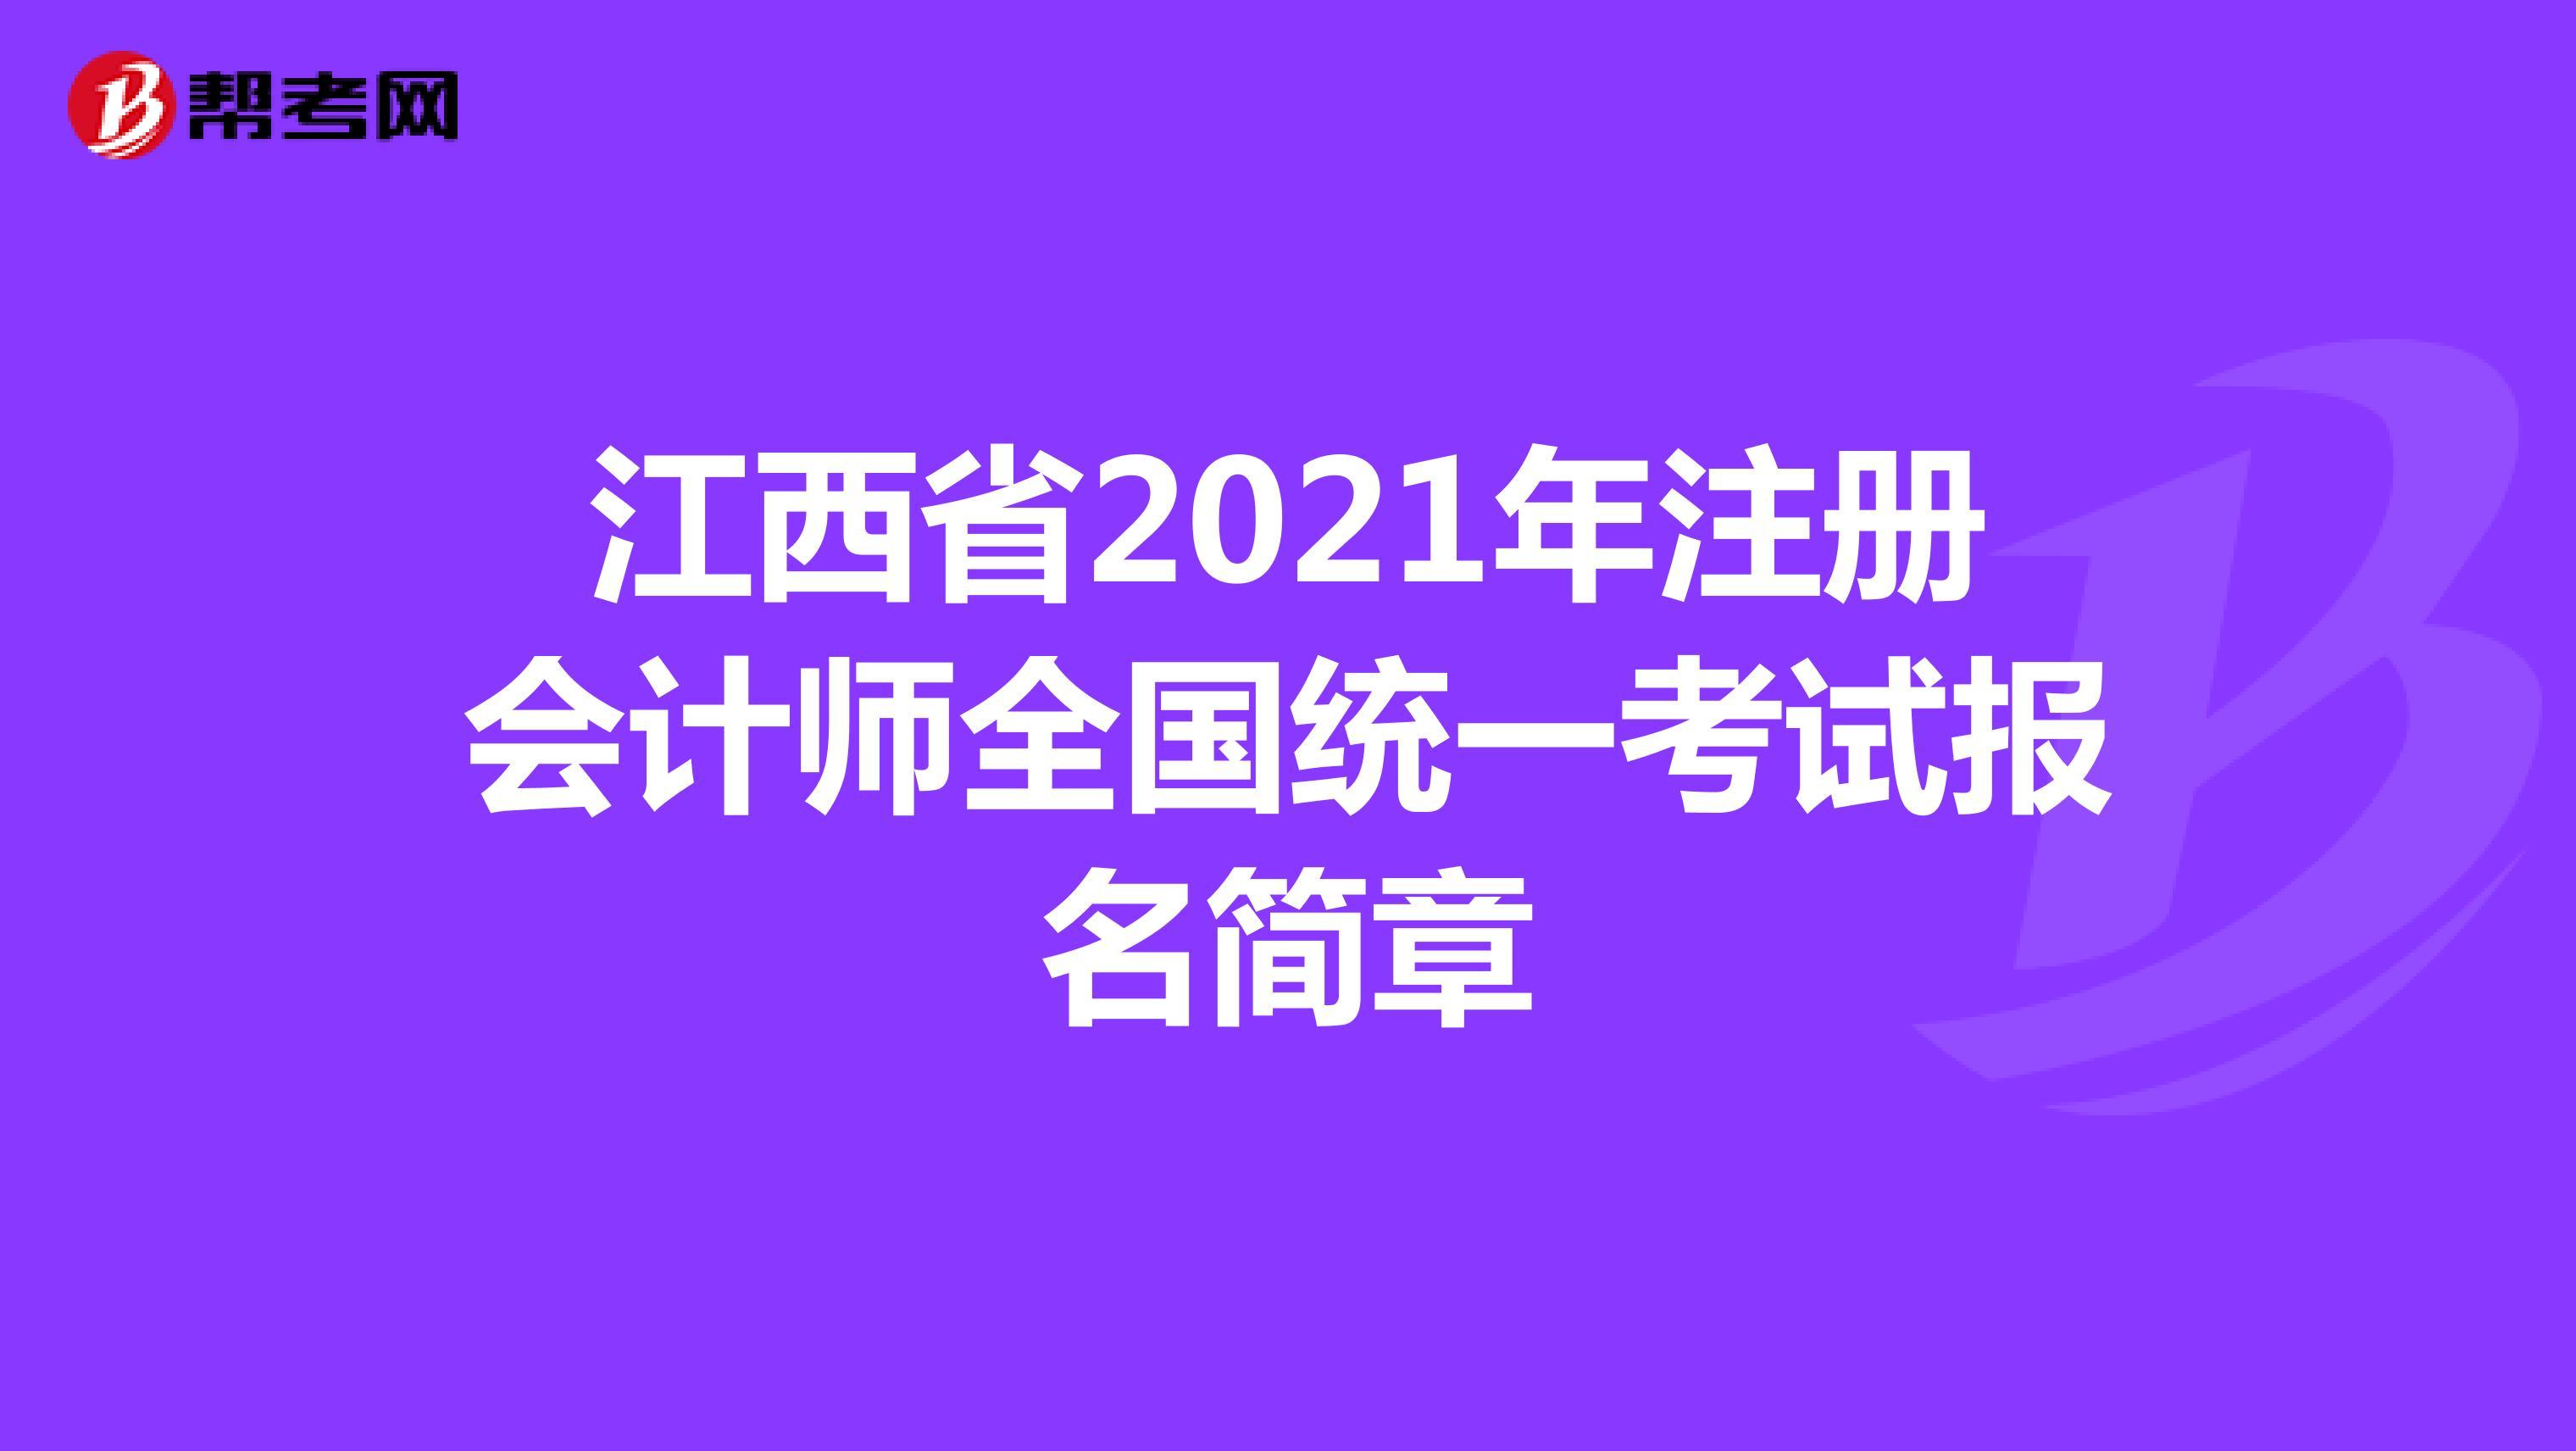 江西省2021年注册会计师全国统一考试报名简章